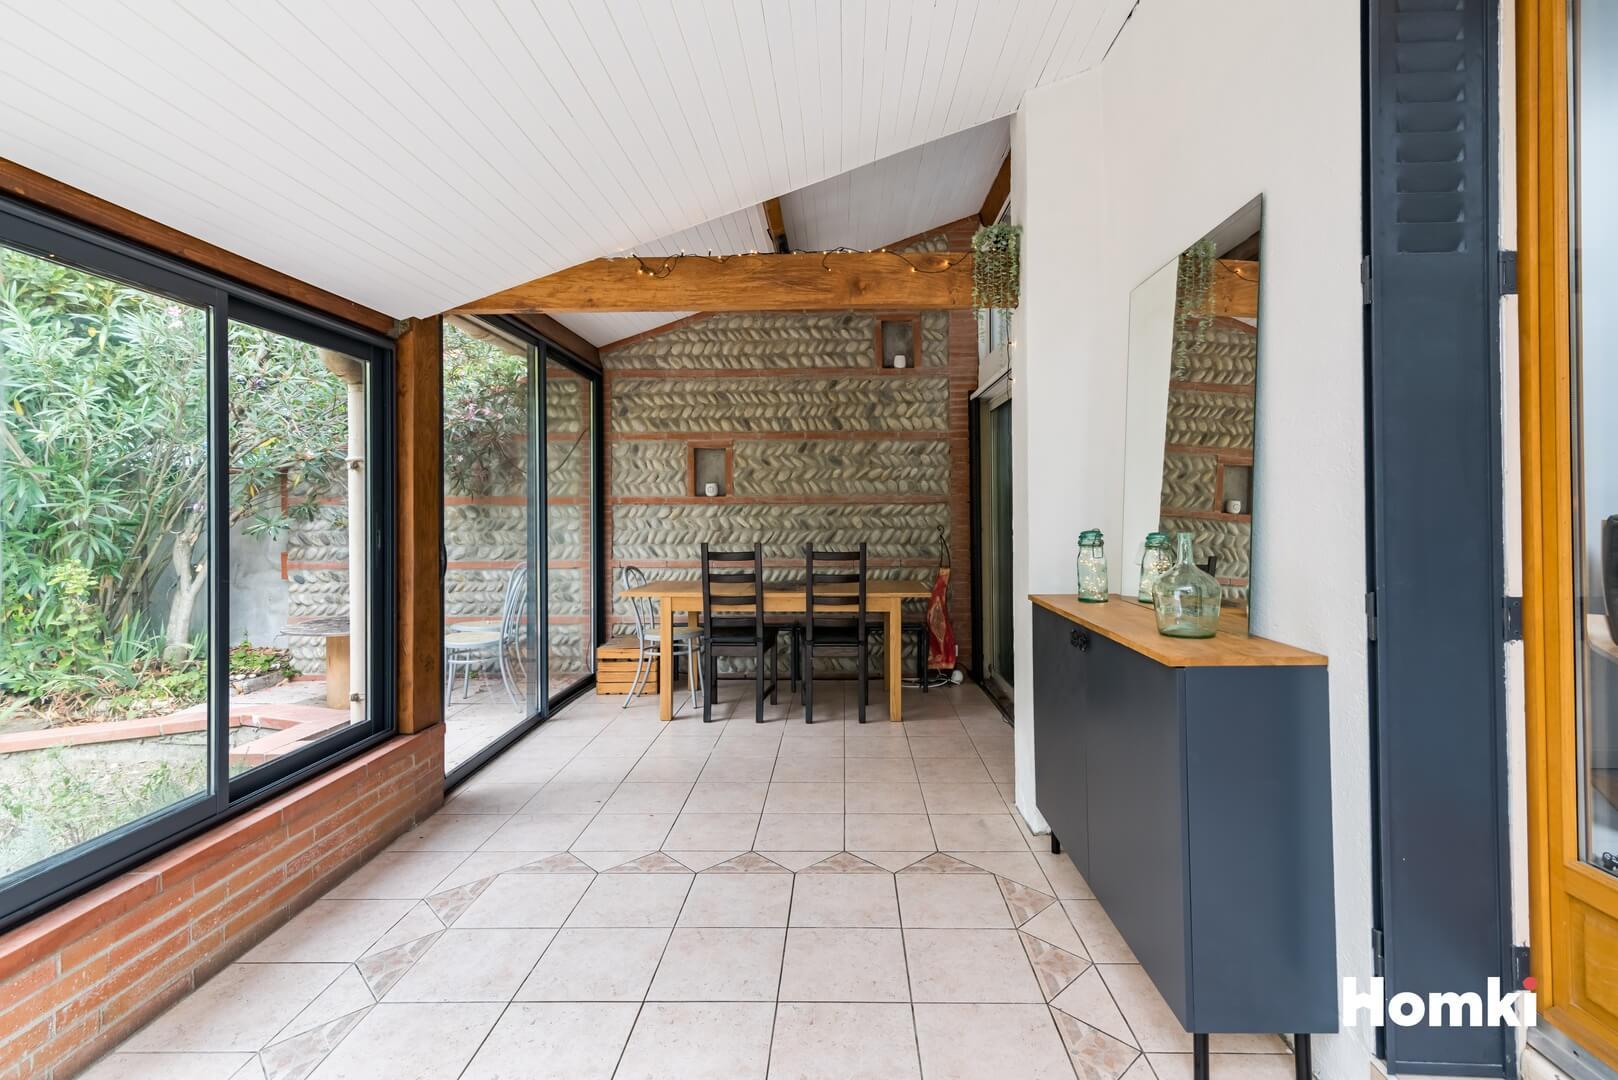 Homki - Vente Maison/villa  de 98.0 m² à Toulouse 31100